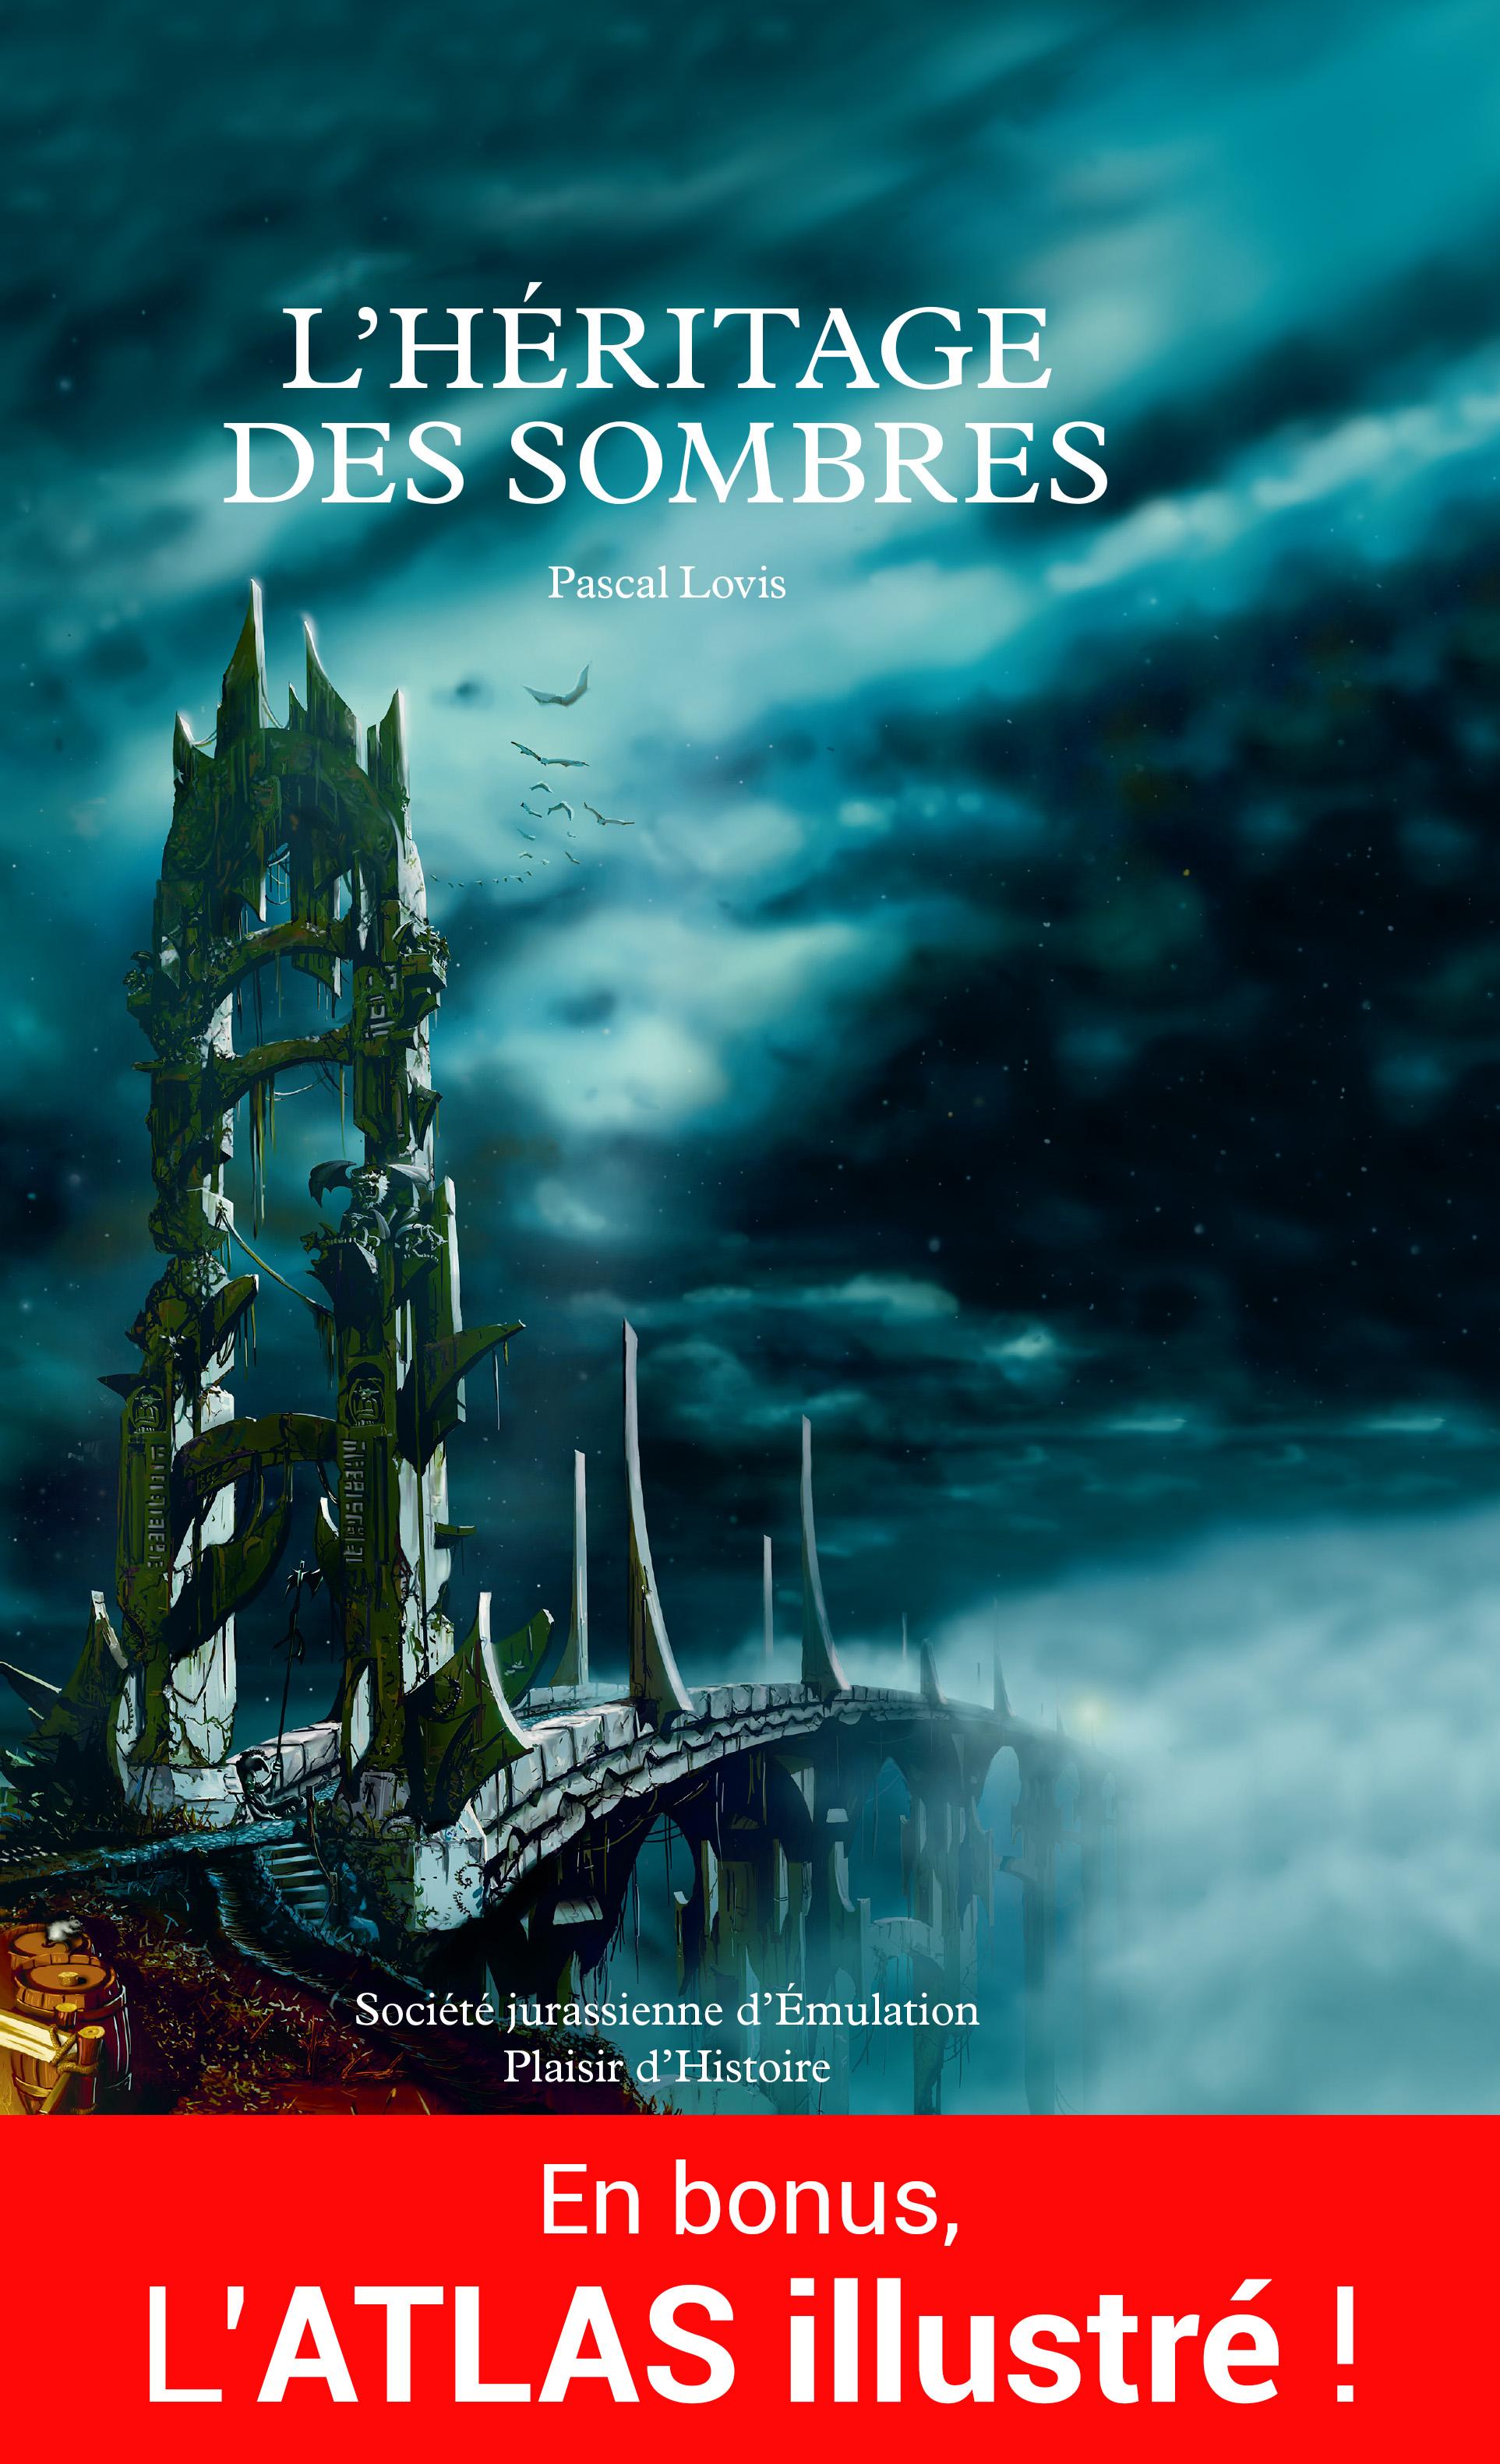 L'Héritage des Sombres + ATLAS